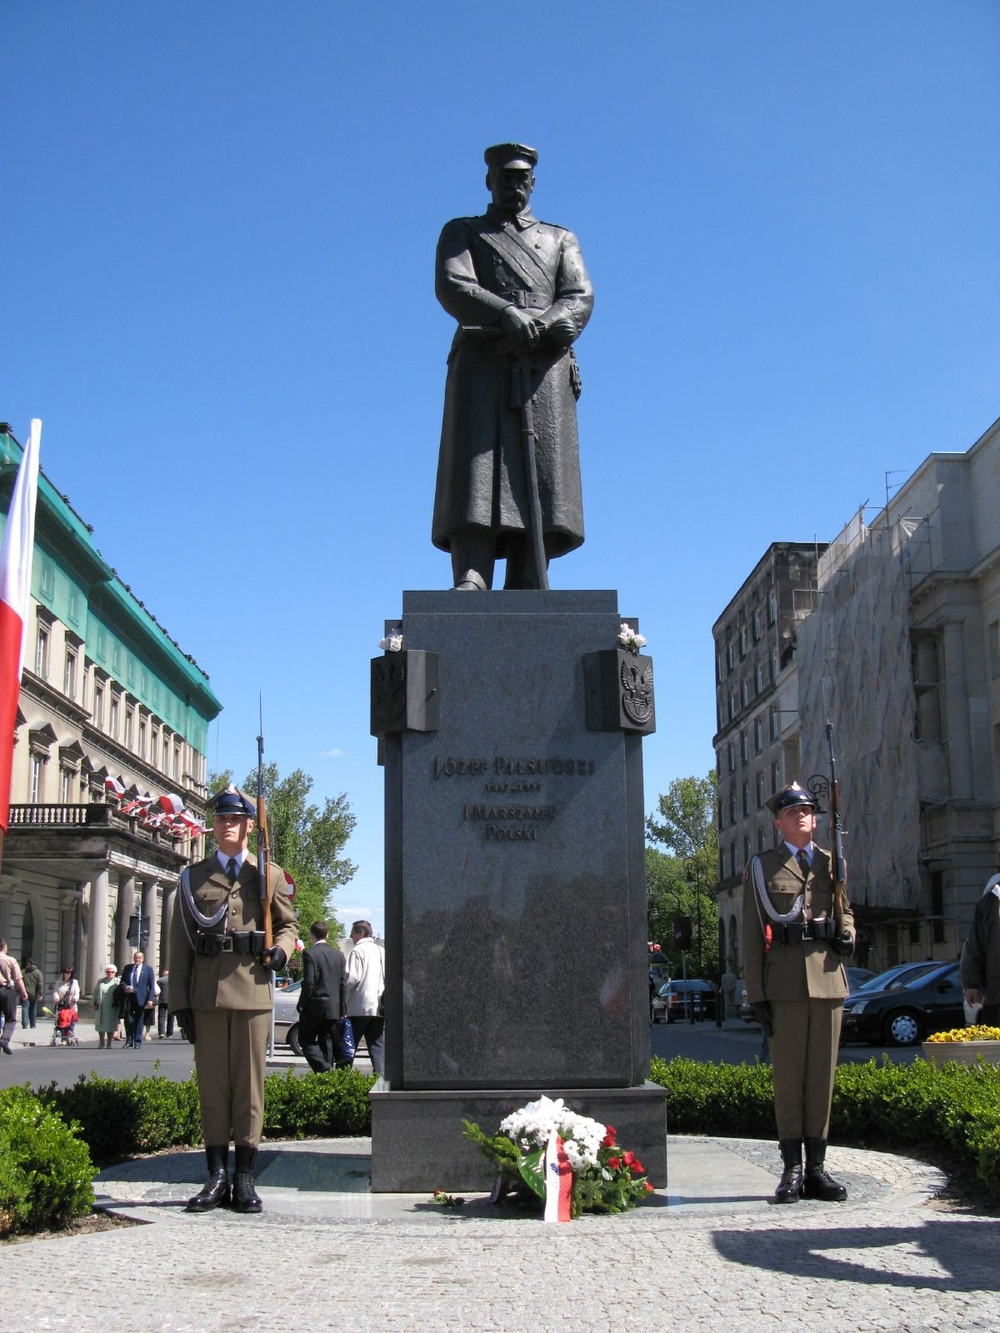 Памятник Пилсудскому в Варшаве